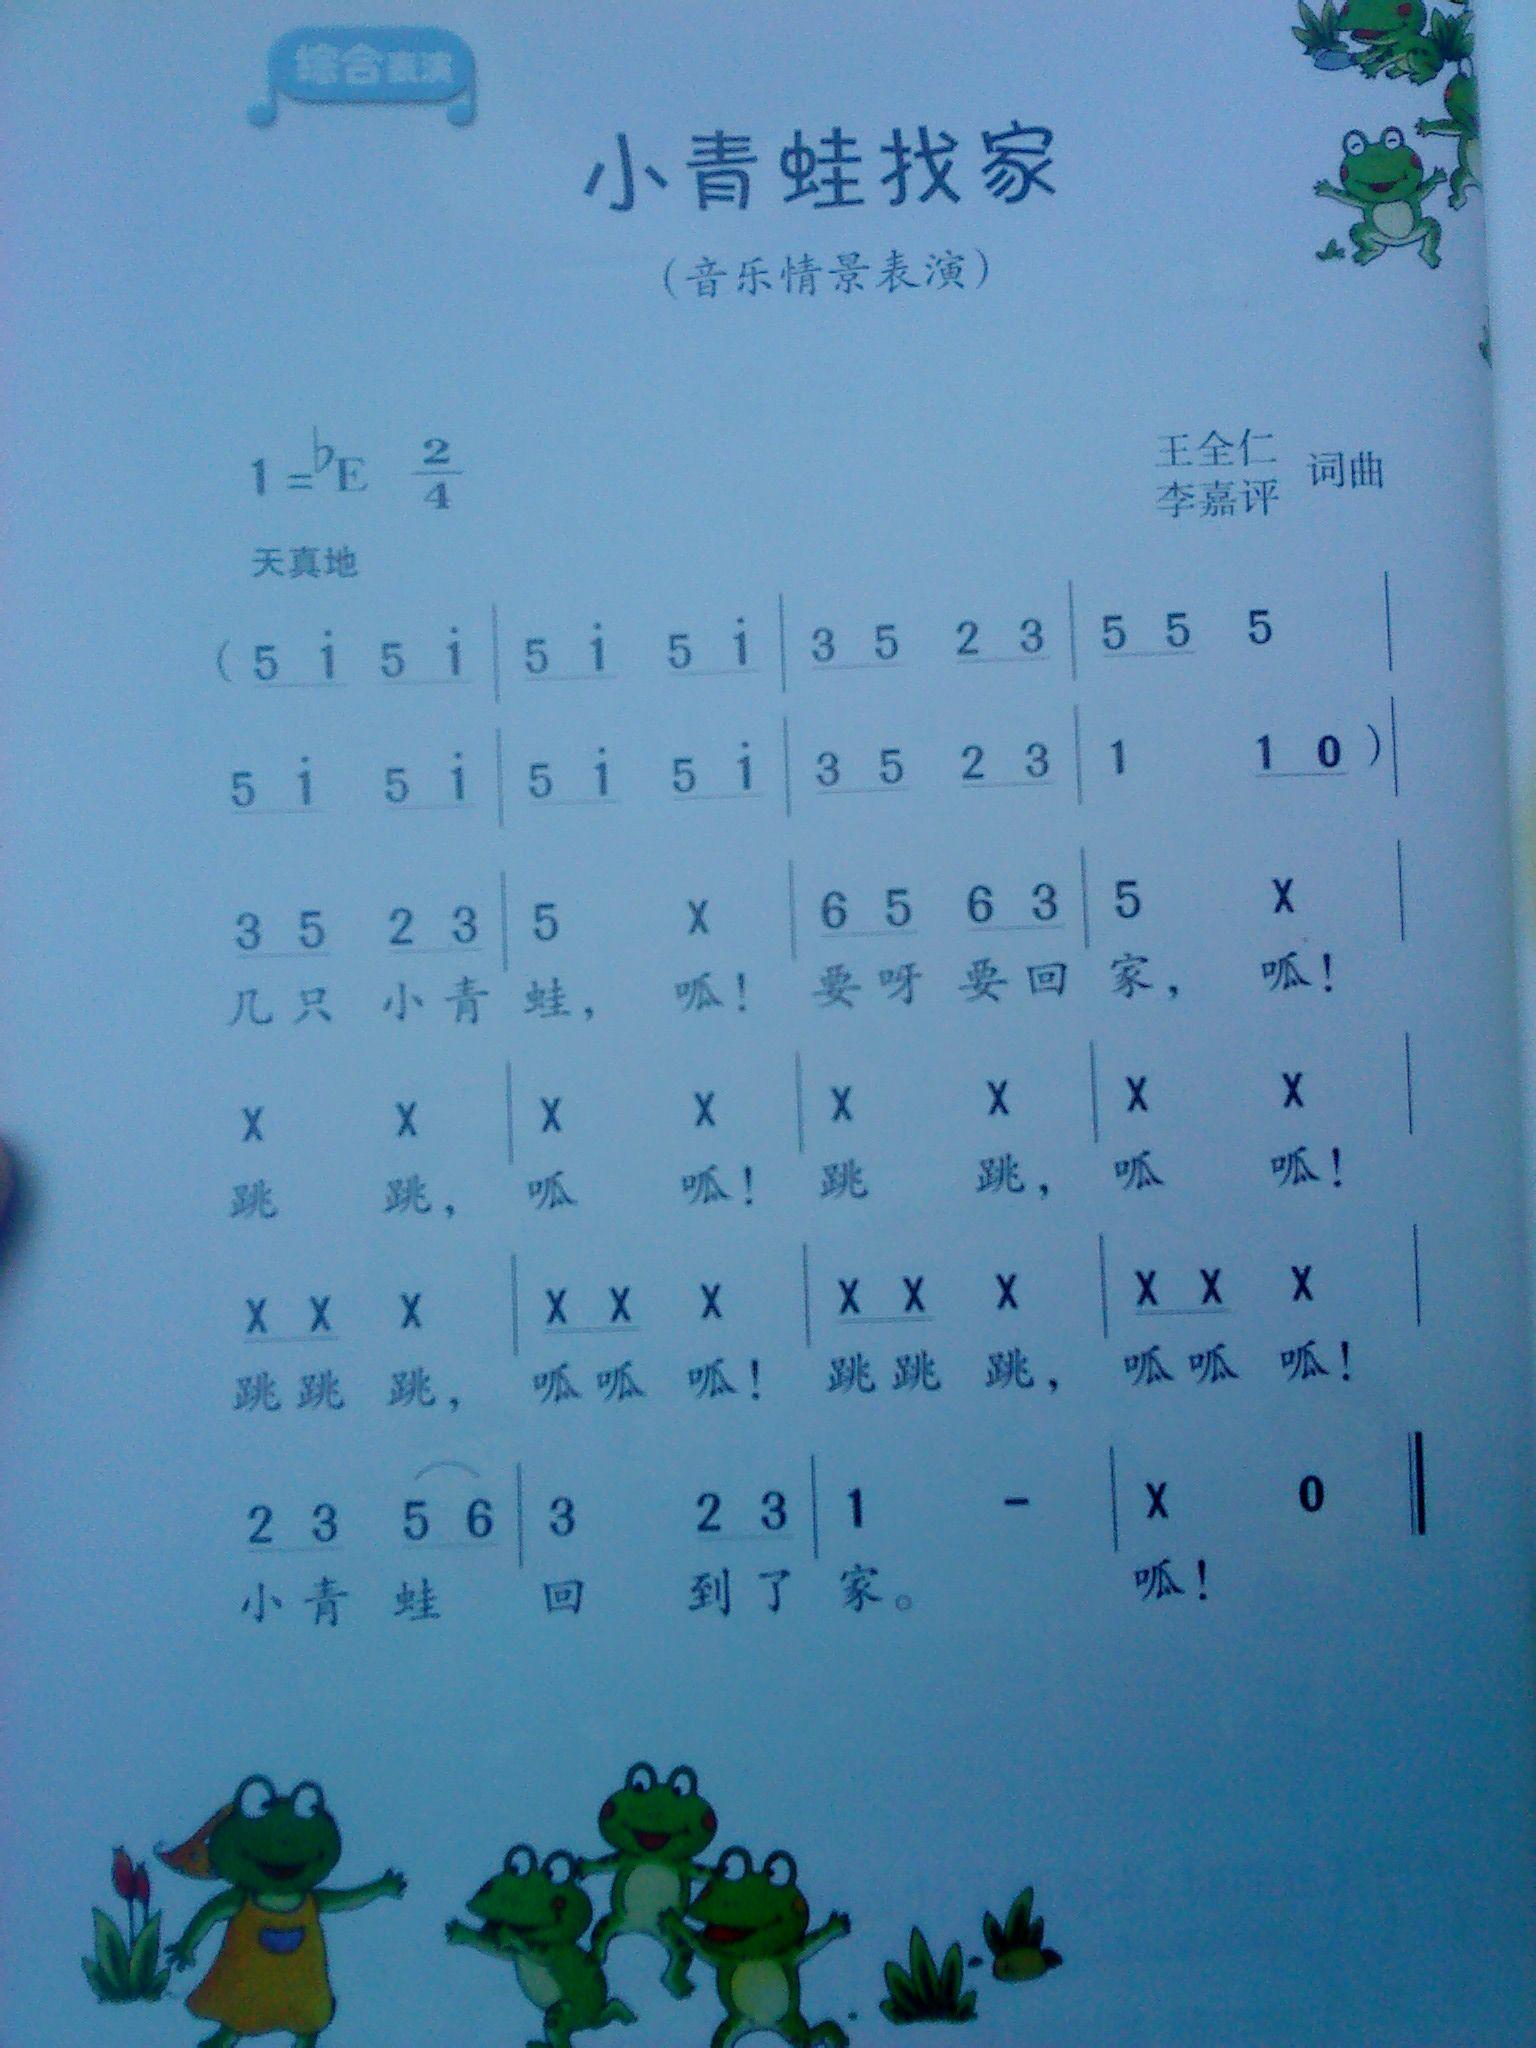 《小青蛙找家》左手伴奏钢琴简谱,及左右手钢琴指法.图片